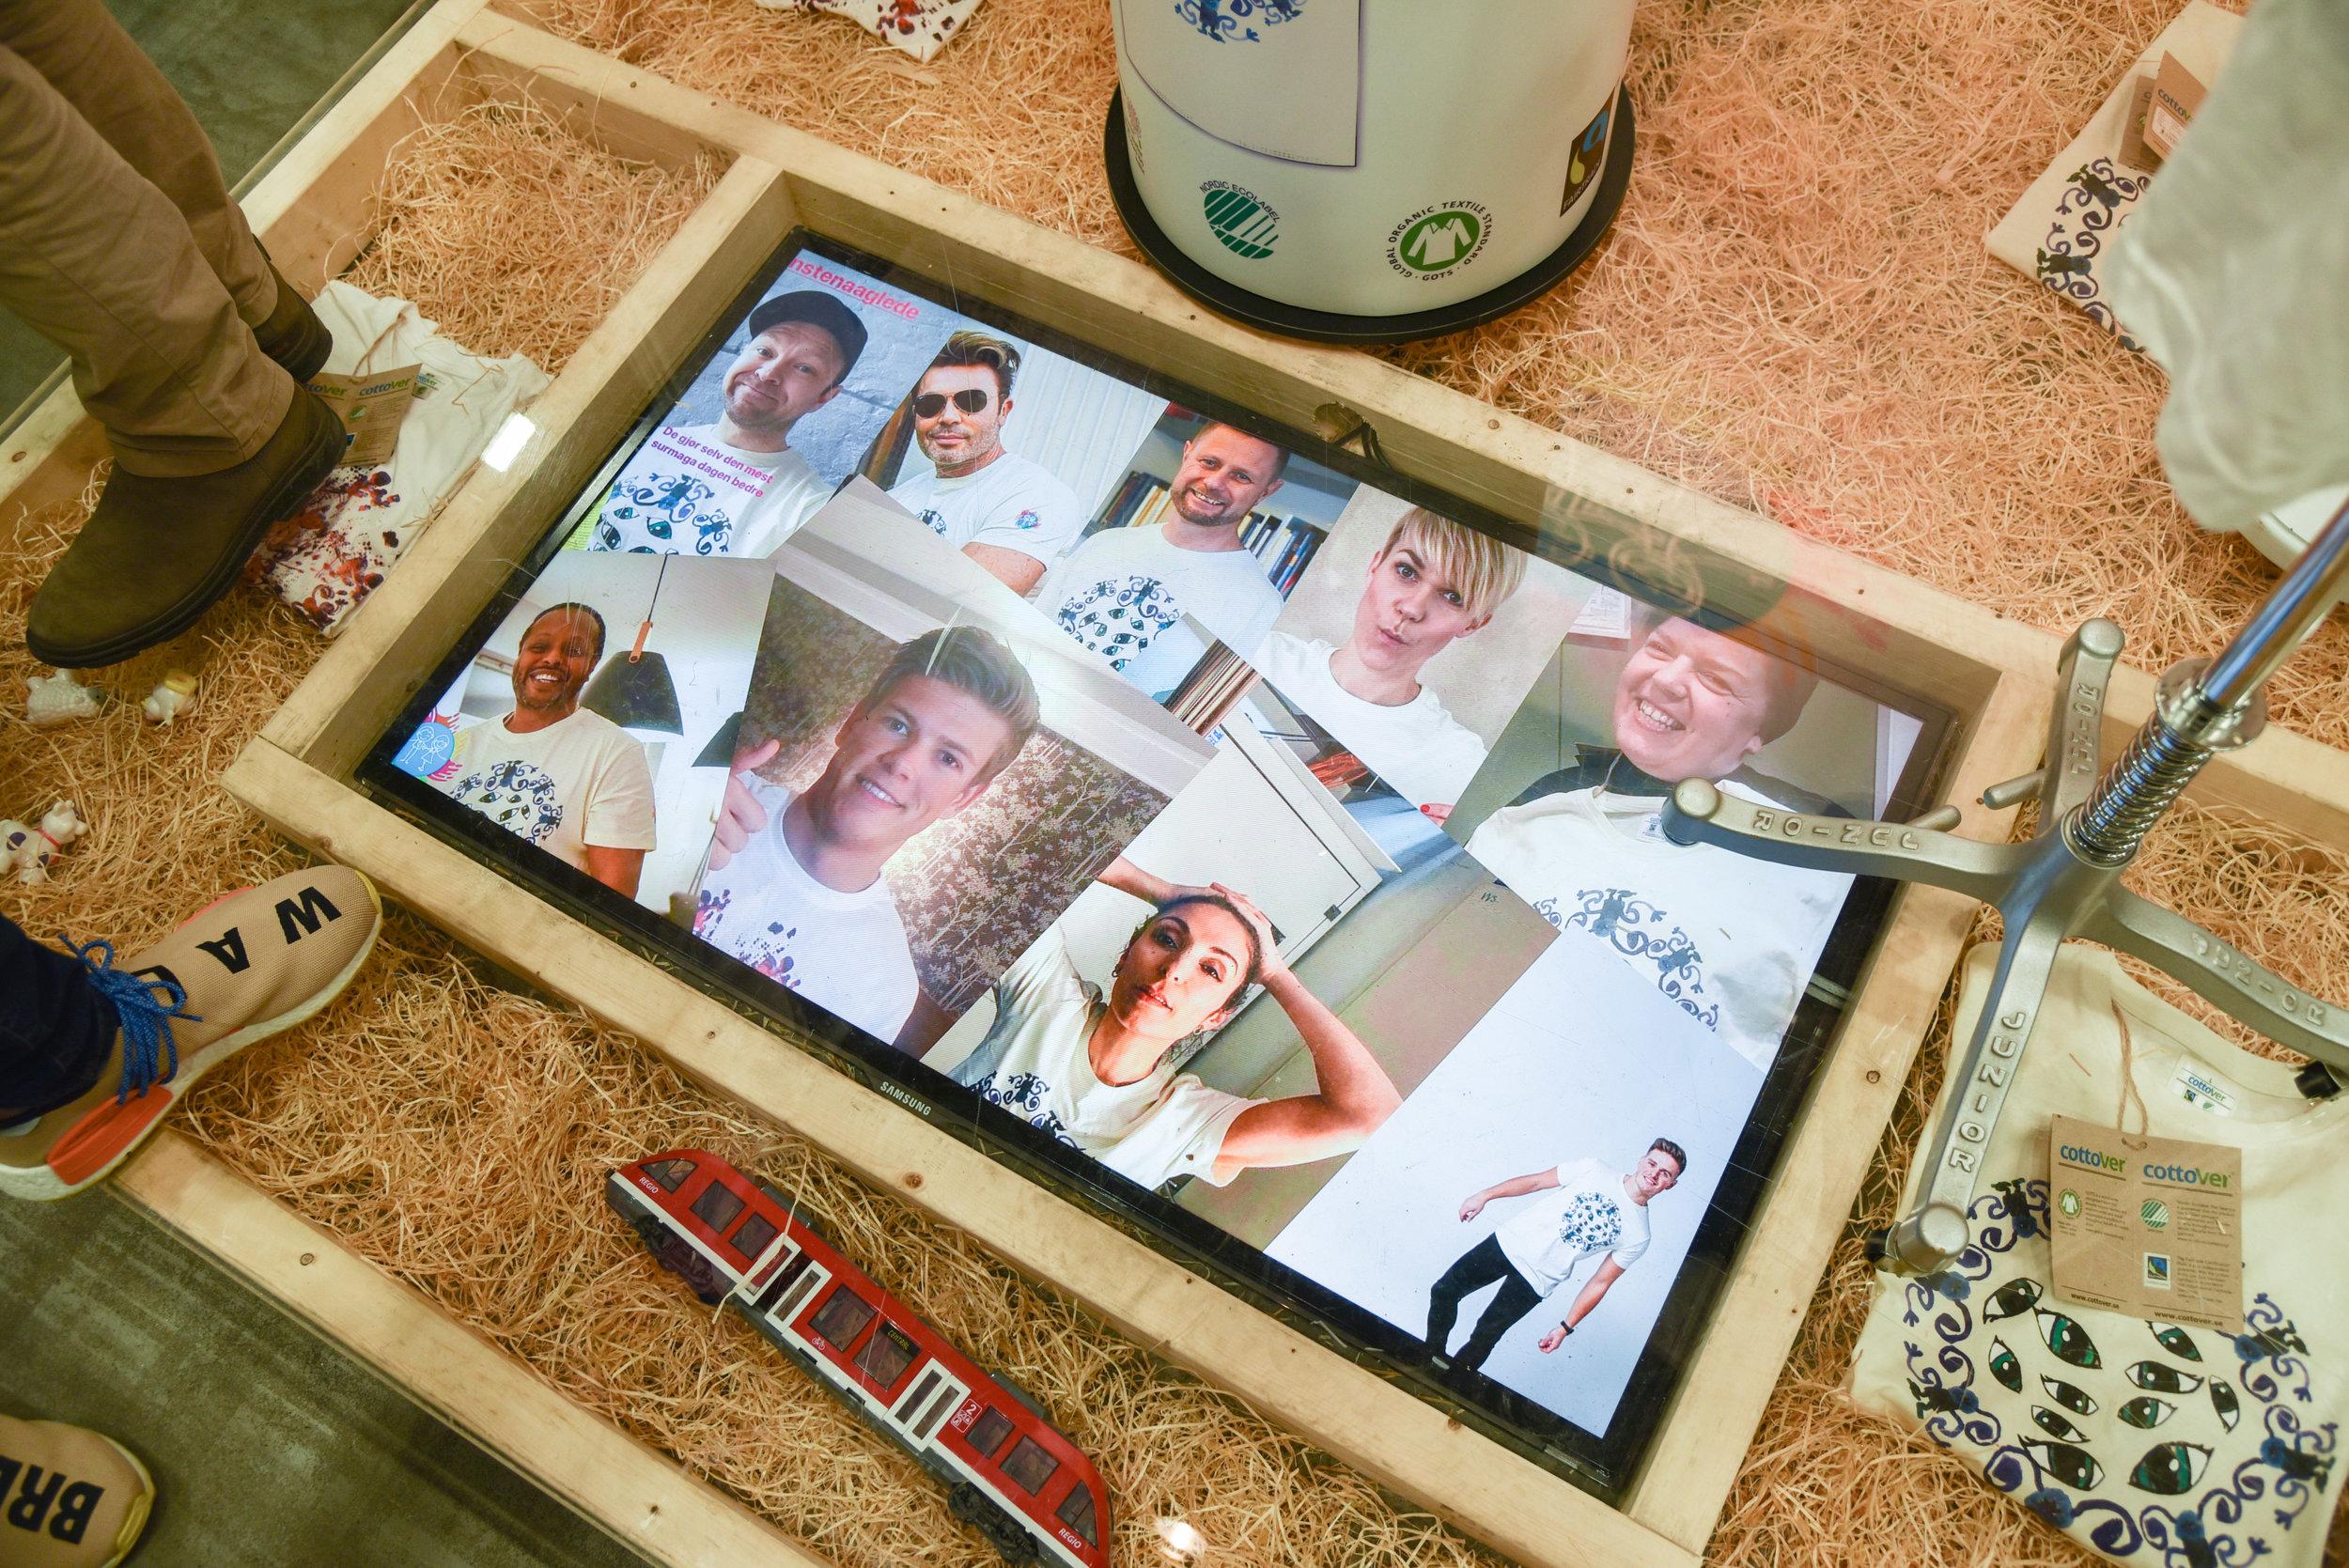 Flere kjendiser har latt seg begeistre av Kunsten å glede, men de setter like stor pris på å se tilfeldige fremmede bruke plaggene deres. – Det er også kult for barna på Rikshospitalet å se, sier August Øverbye. Foto: Jonas Lisether/NewsLab